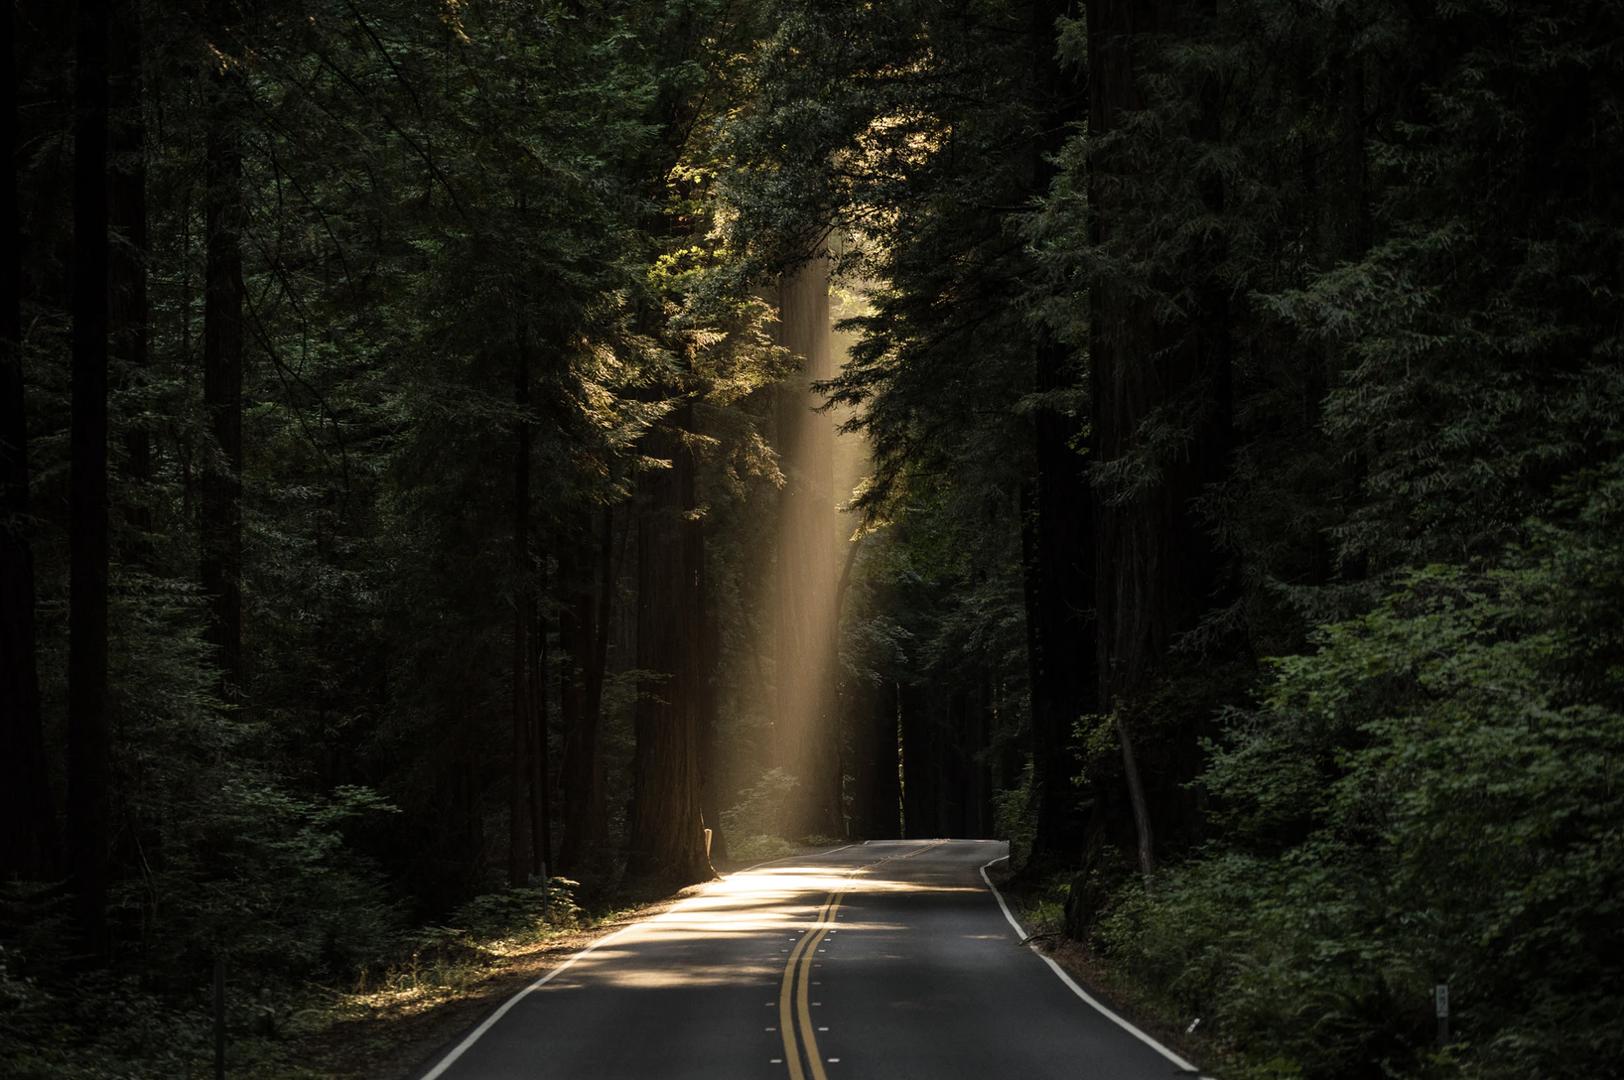 W ORLEN Asfalt powstaje ekologiczny asfalt do budowy dróg